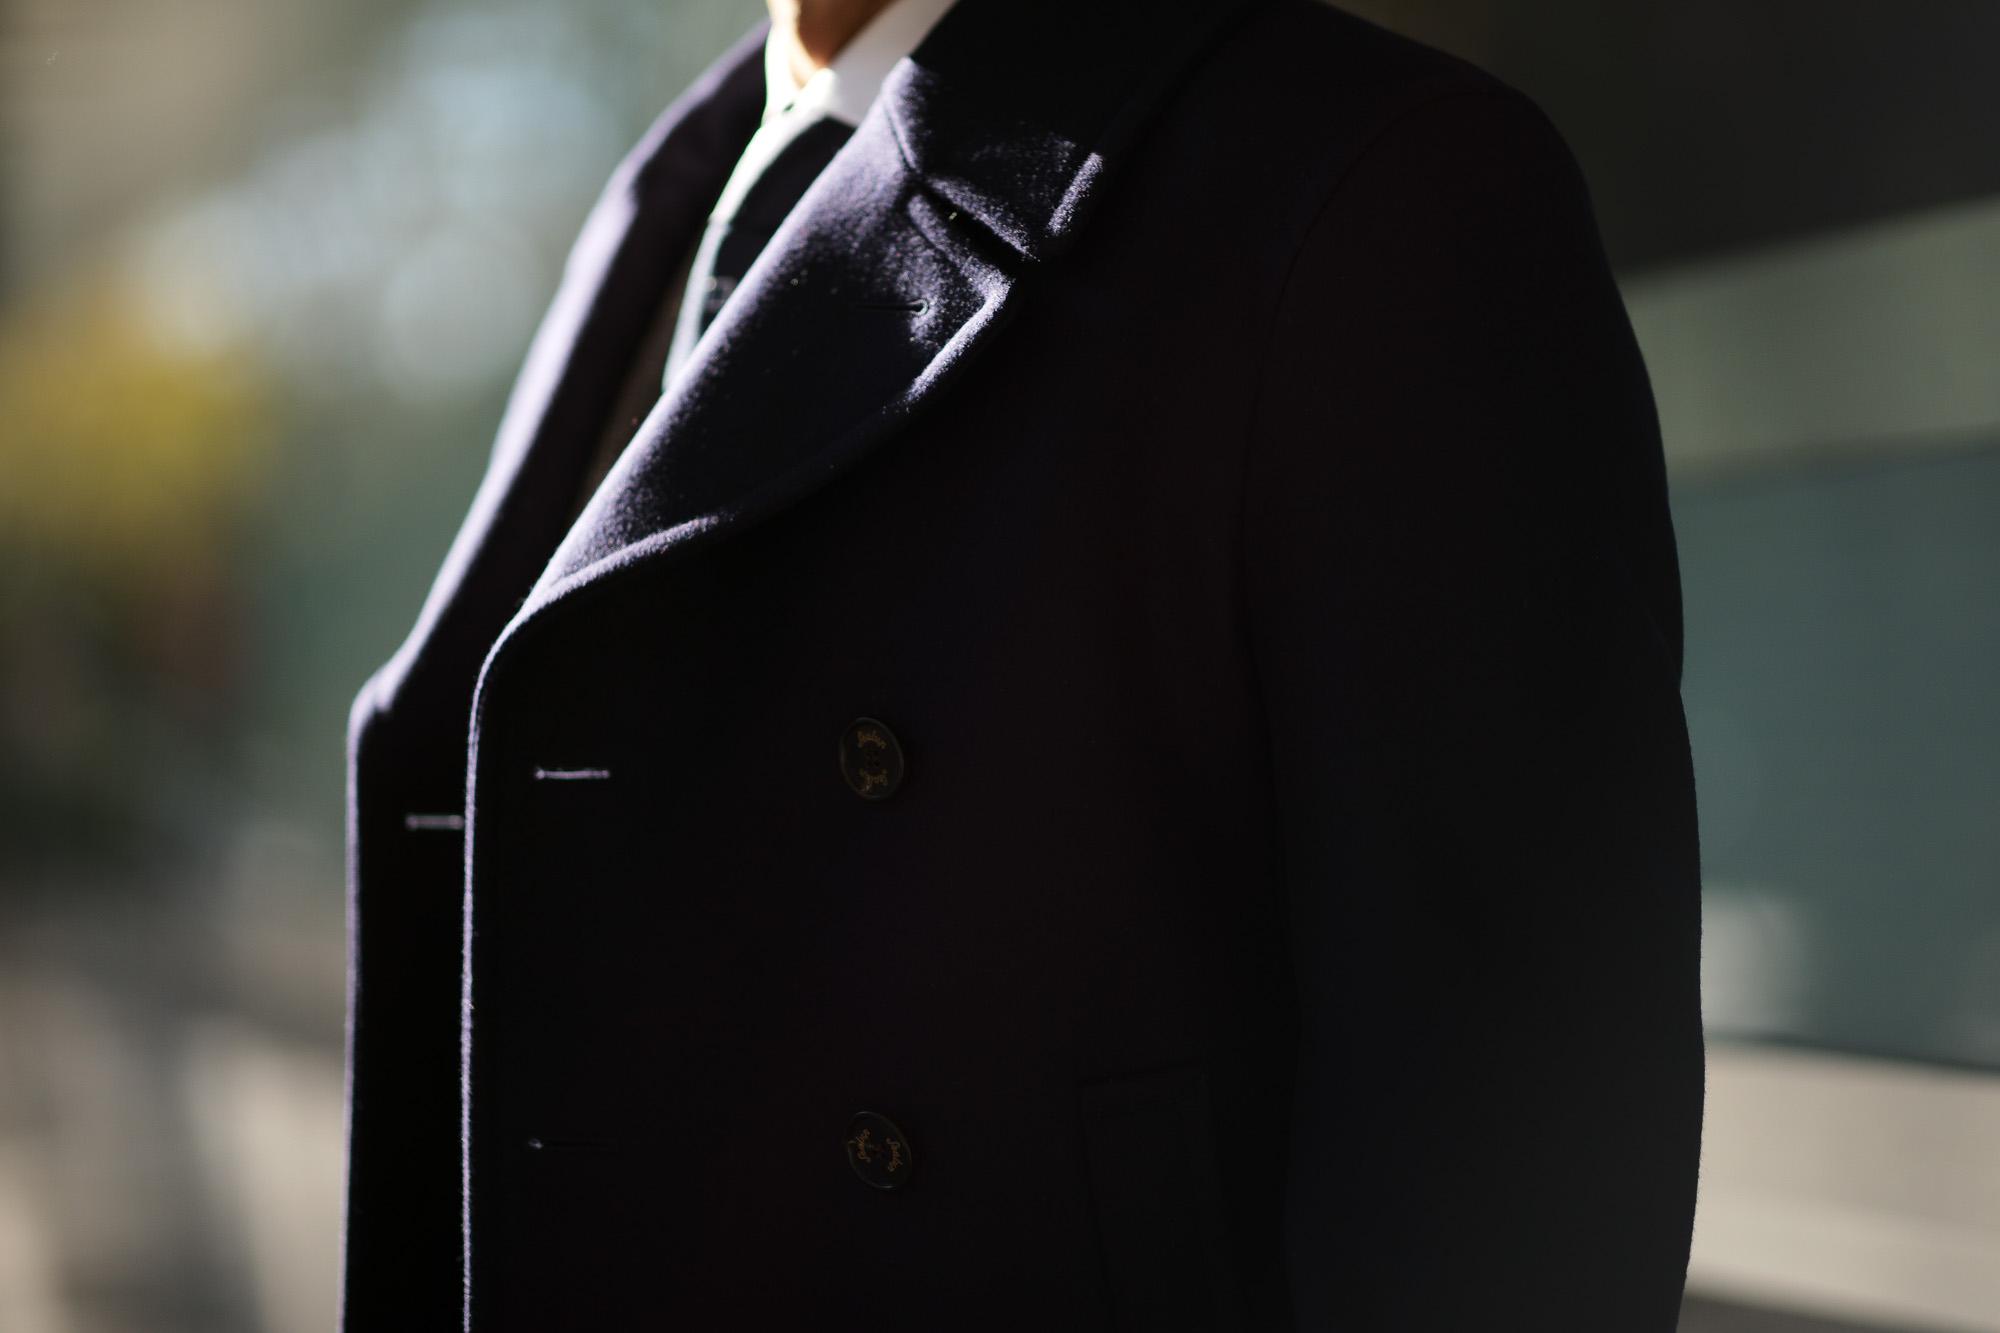 Sealup(シーラップ) GENOVA(ジェノバ) 50002 7591 01 メルトンウール サーモアライニング ロングPコート  NAVY (ネイビー・01) MADE IN ITALY(イタリア製) 2019 秋冬 【ご予約開始します】 シーラップ 愛知 名古屋 Alto e Diritto アルト エ デリット Pコート コート coat